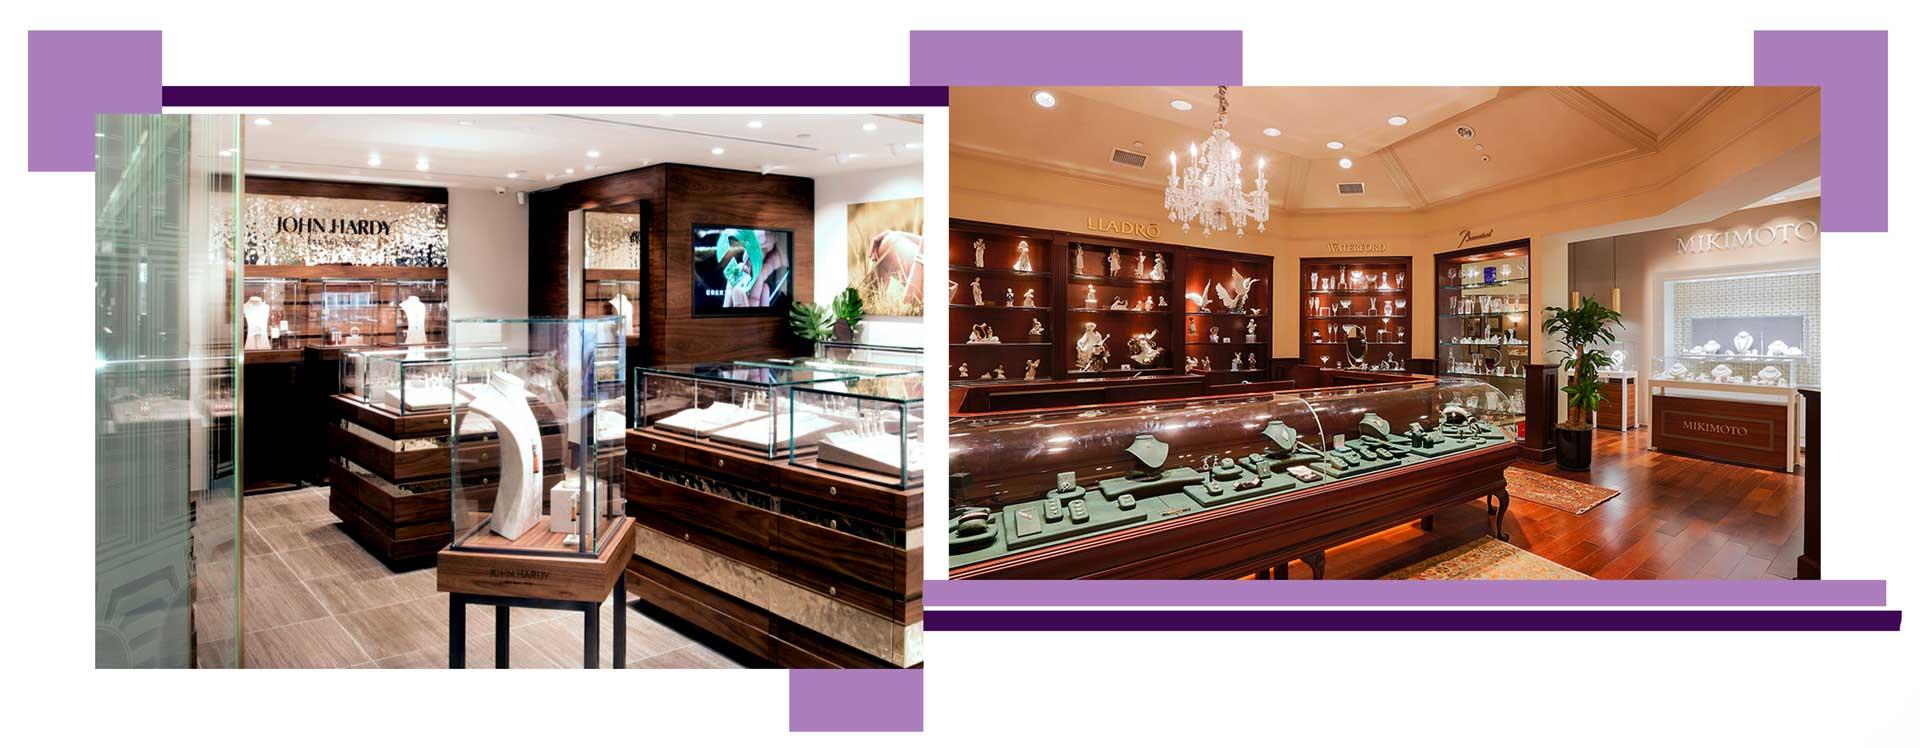 بررسی طراحی جواهرات سفارشی